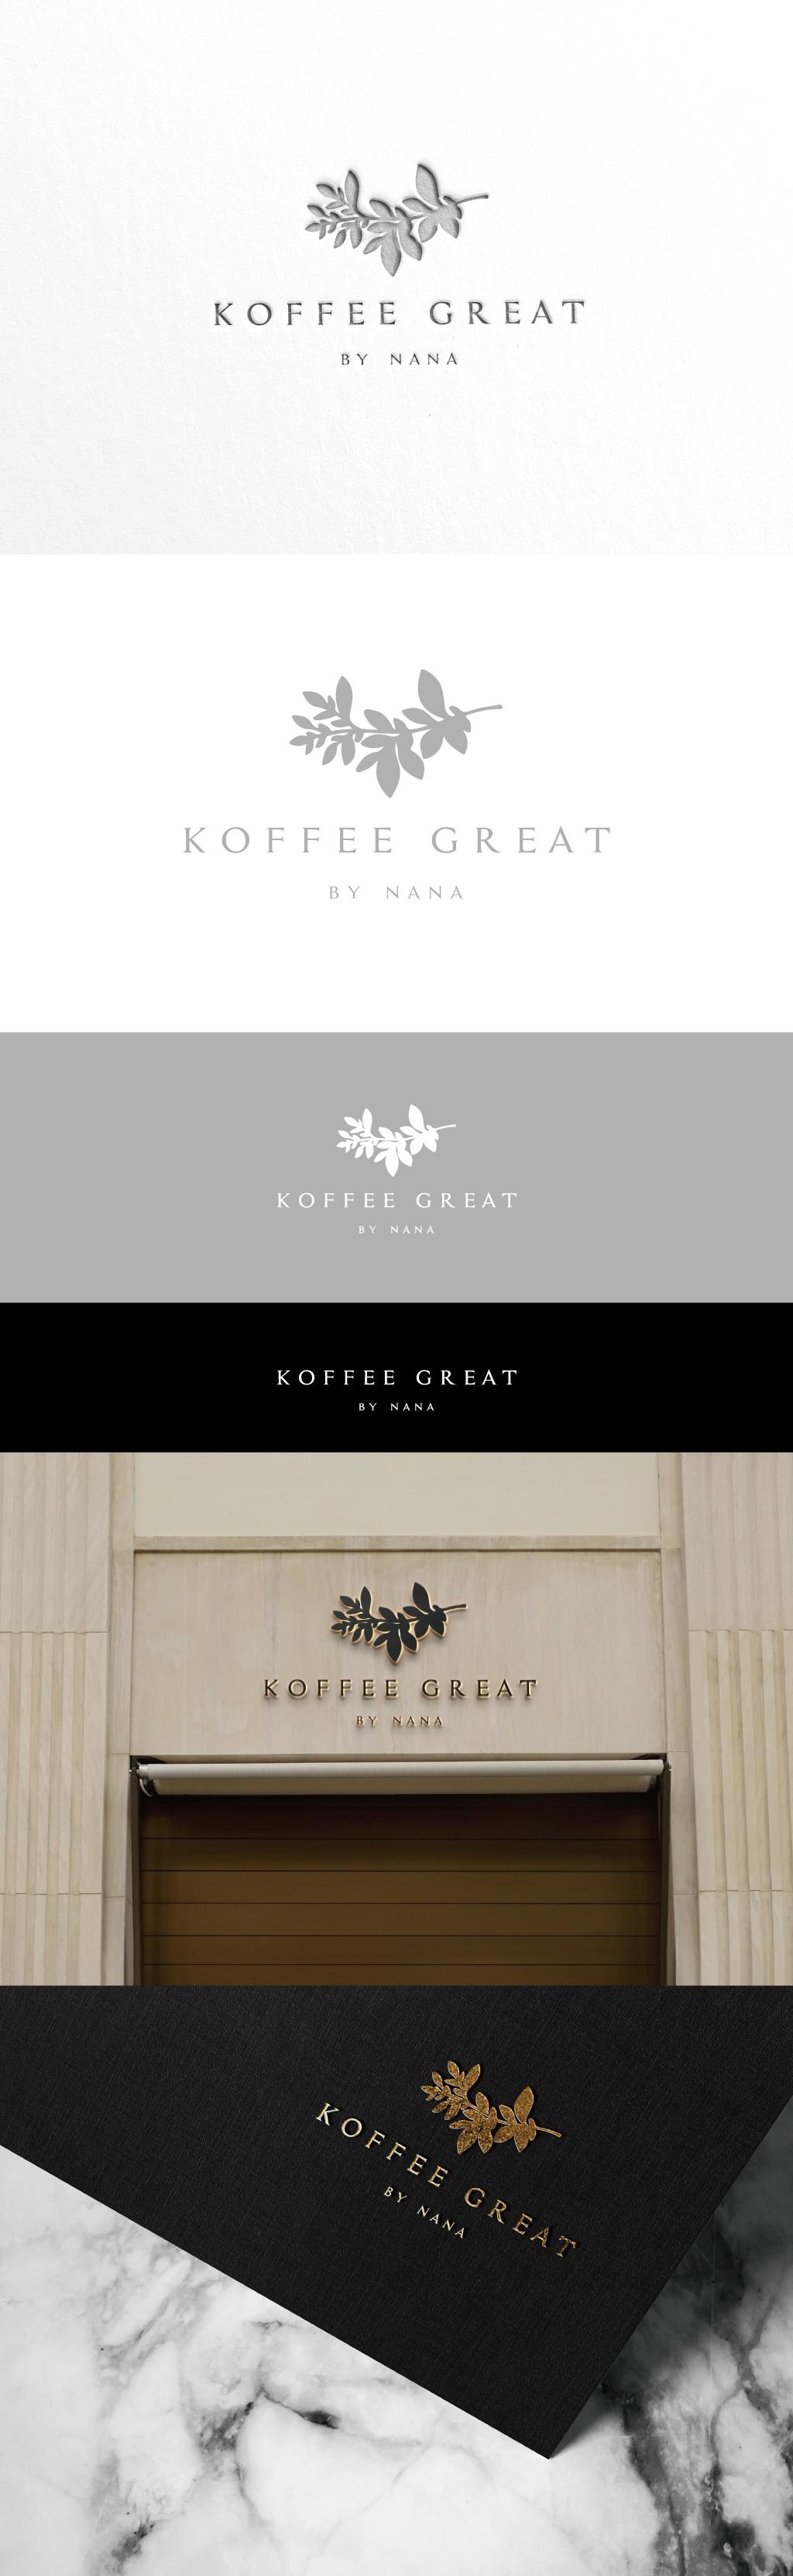 로고 디자인   신규 창업 카페 로고 디자인 의뢰   라우드소싱 포트폴리오